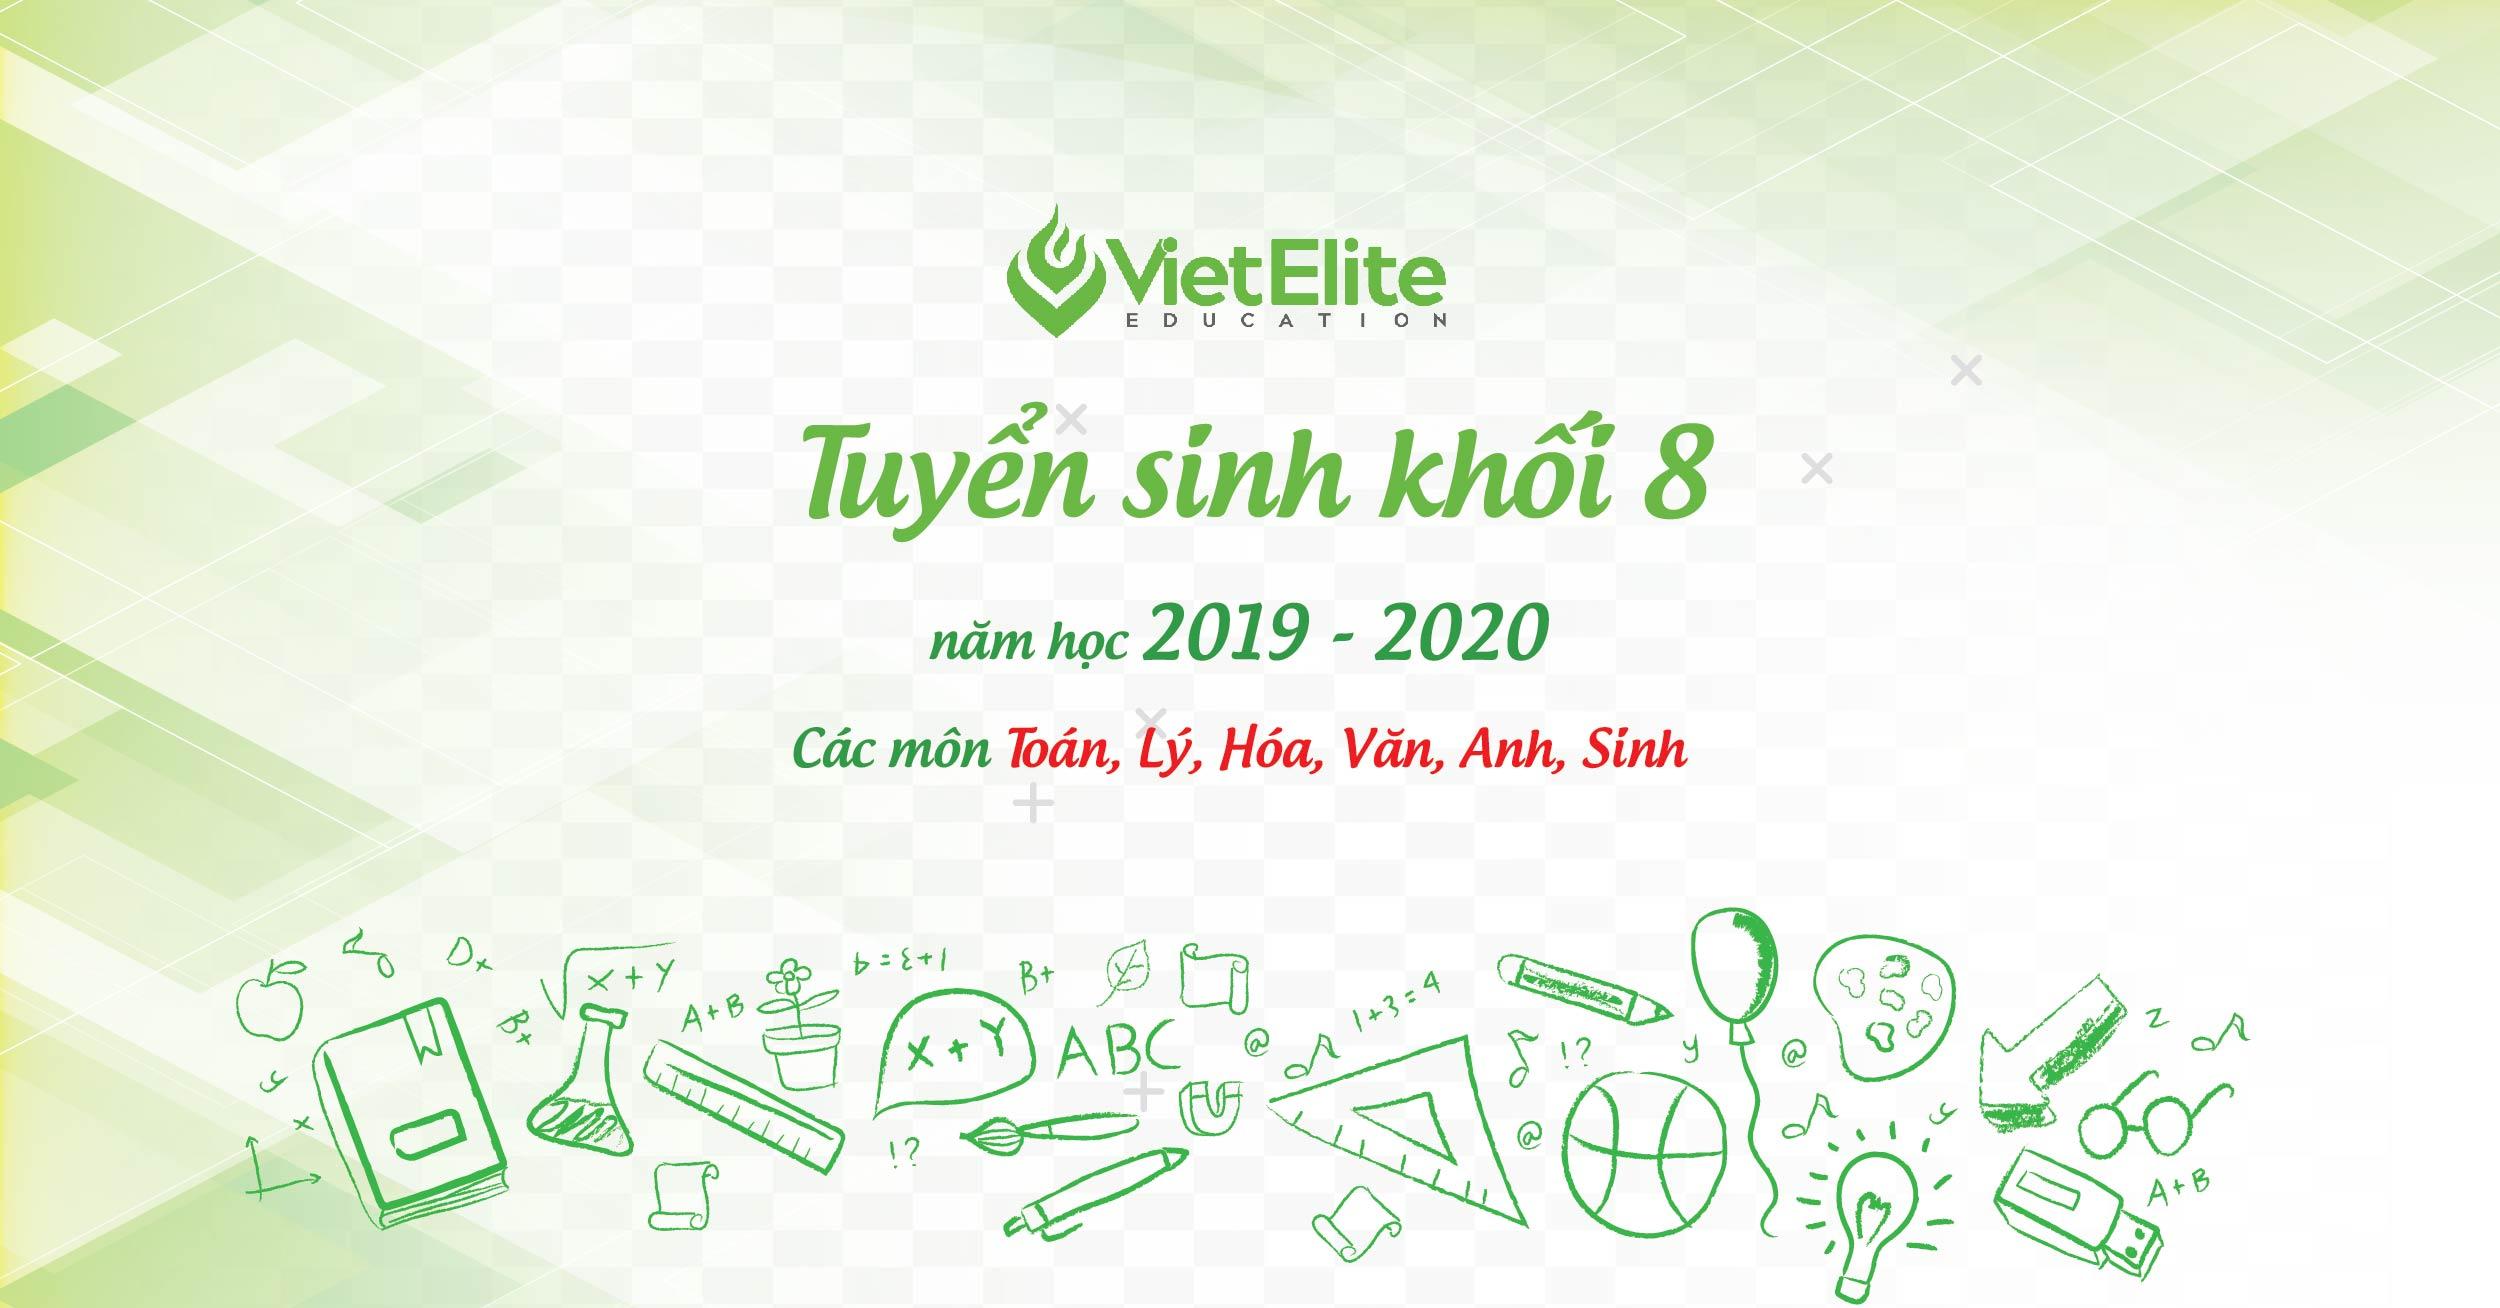 Tuyển sinh khôi 8 năm học 2019 - 2020